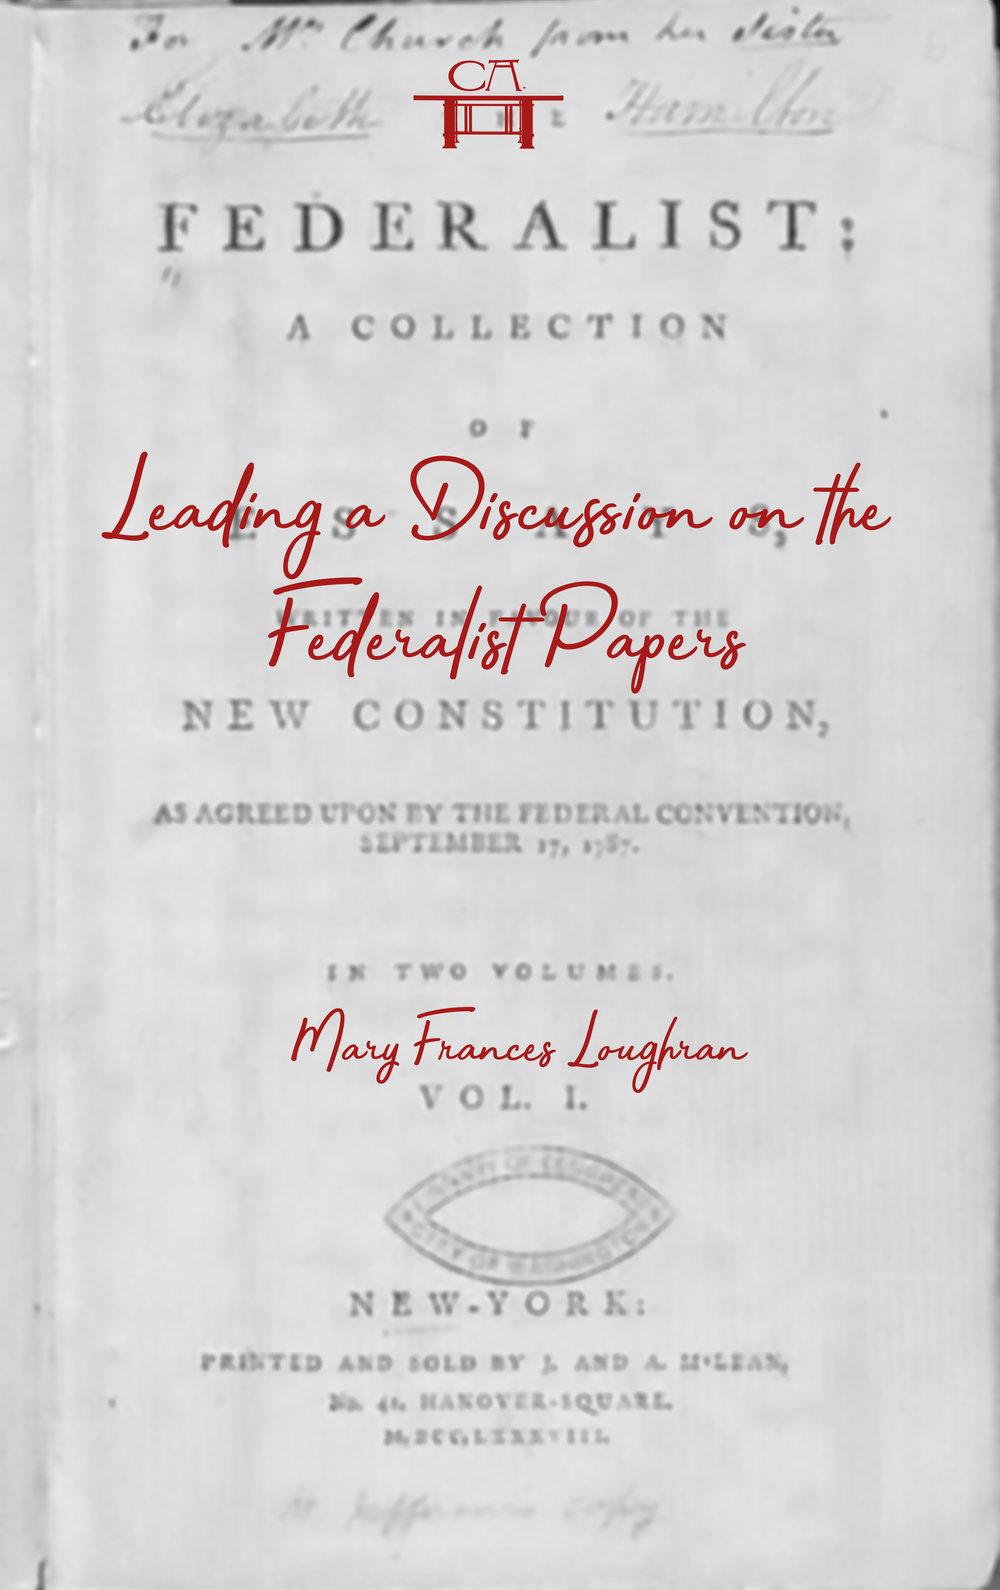 FederalistPapersGuideVersion10.jpg